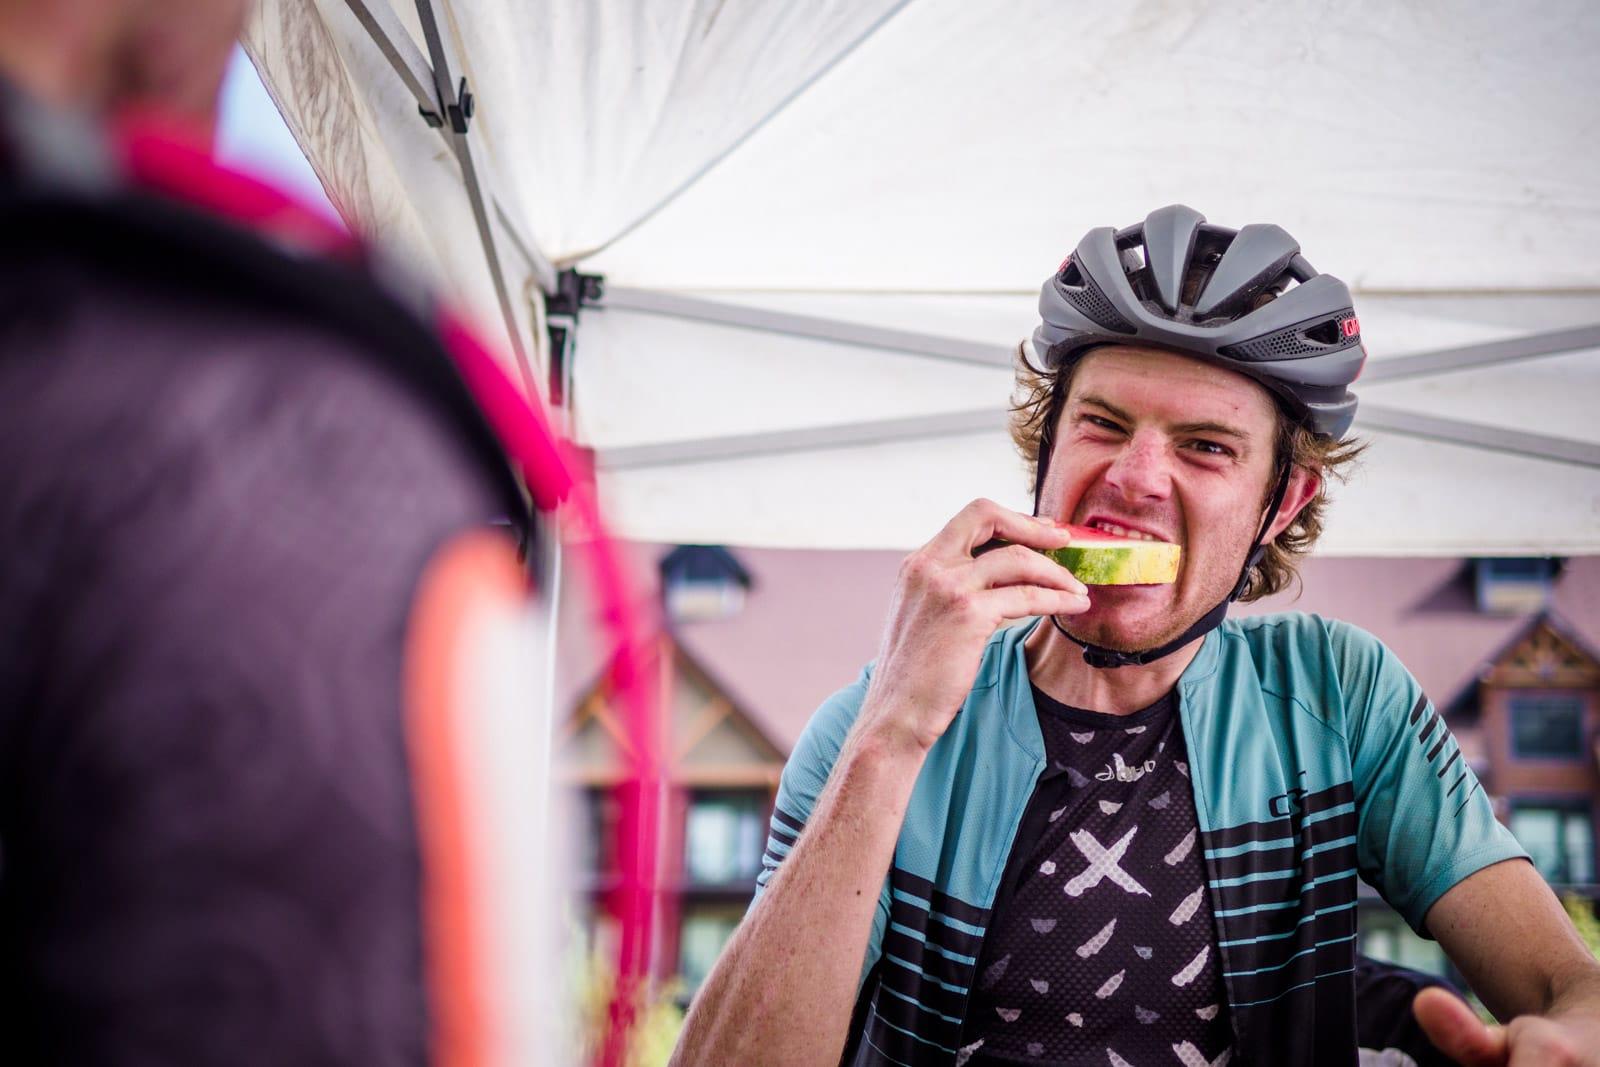 Santa Cruz Bicycles - Race Nutrition at Singletrack 6 in Canada